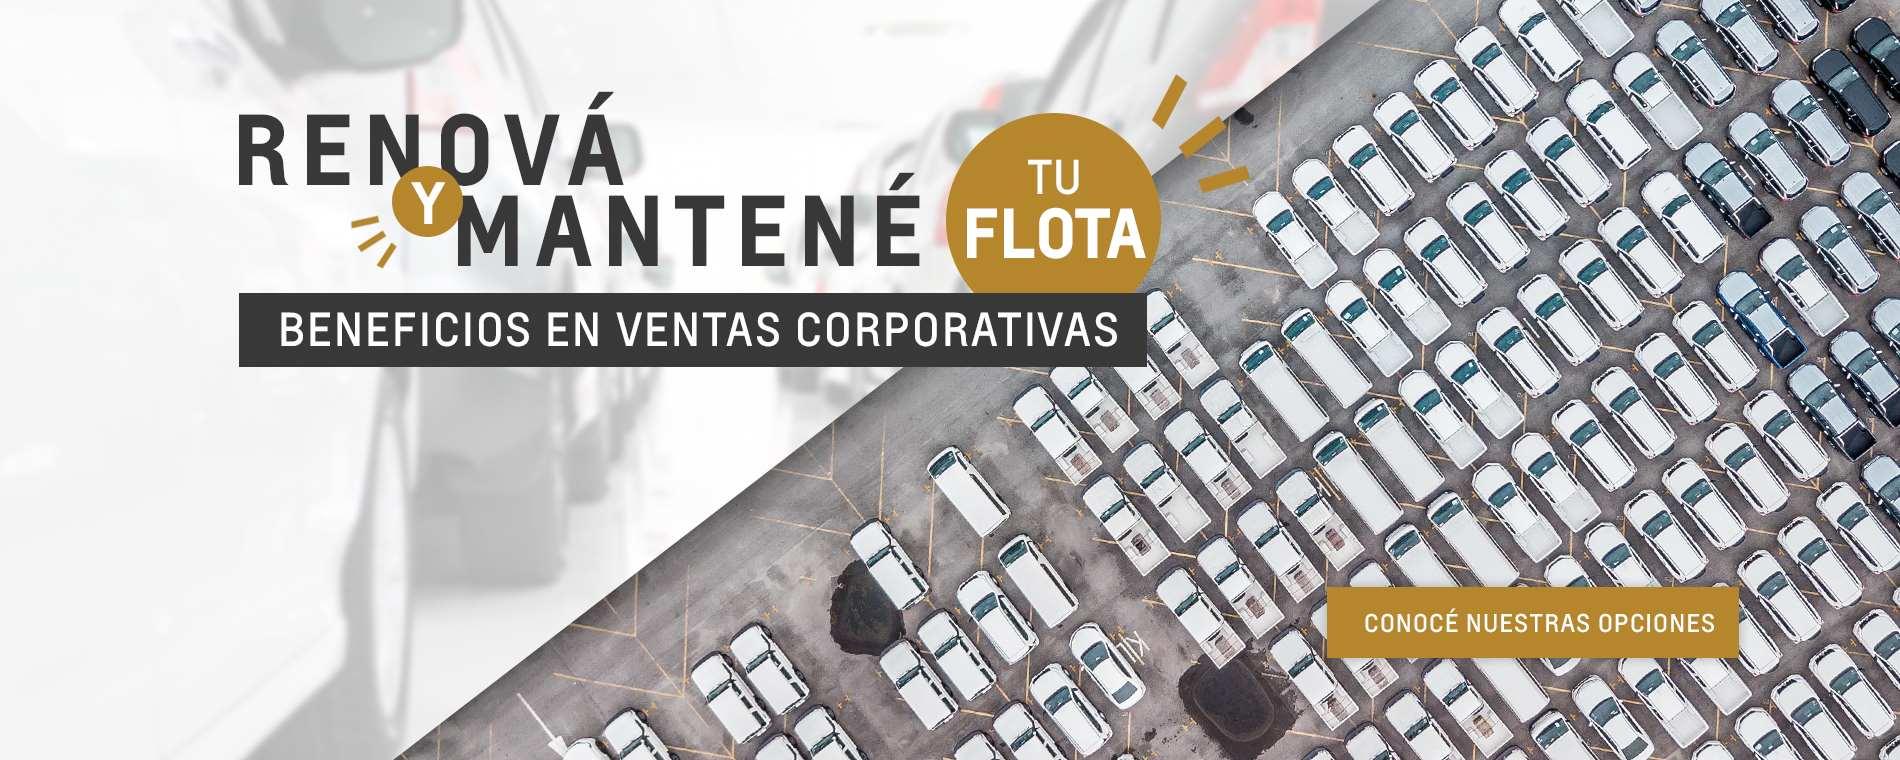 Ventas corporativas en concesionario oficial Chevrolet en Pergamino, San Nicolas de los Arroyos y Junín